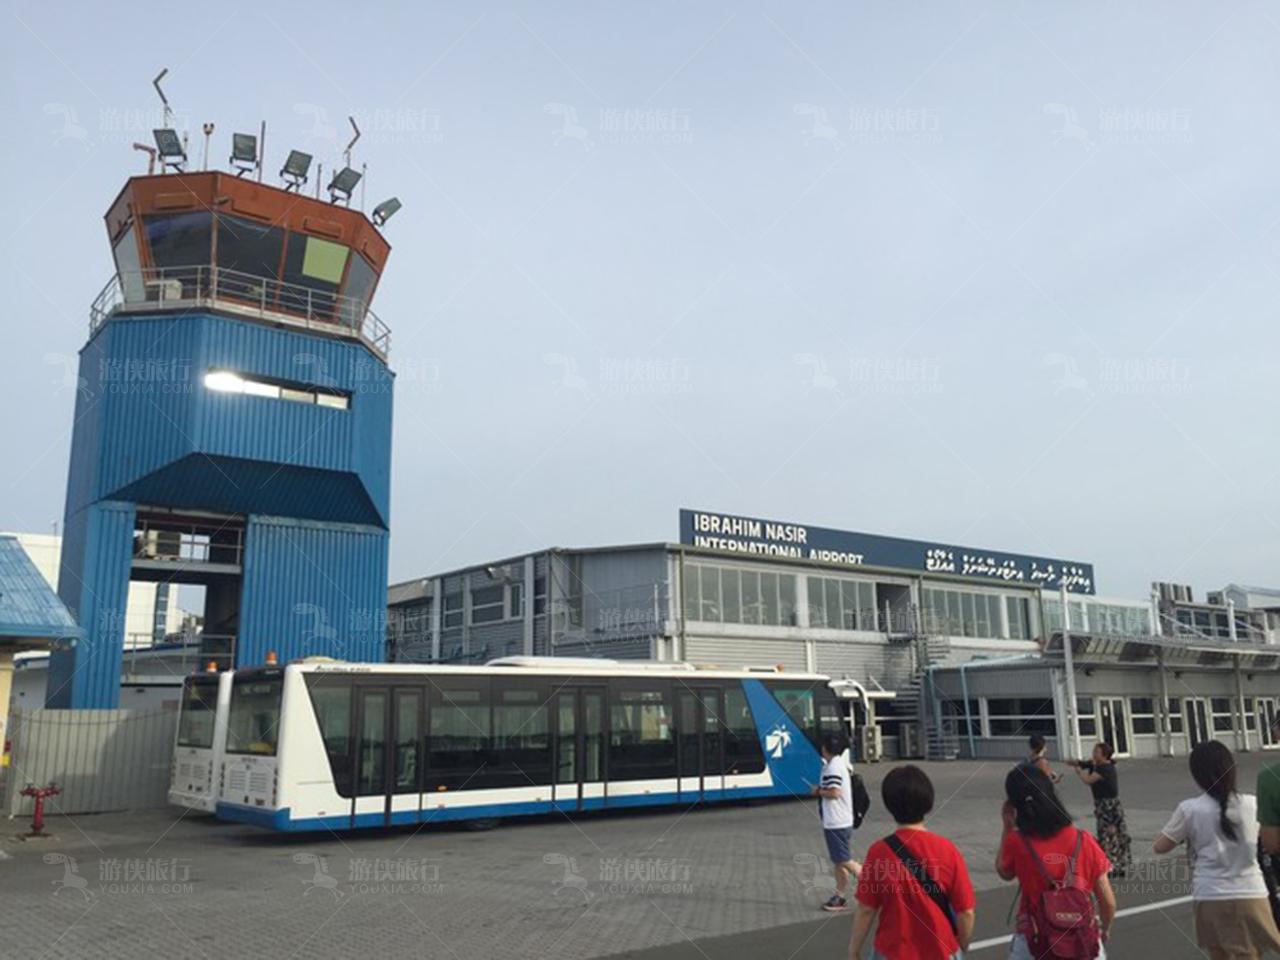 马尔代夫旅行